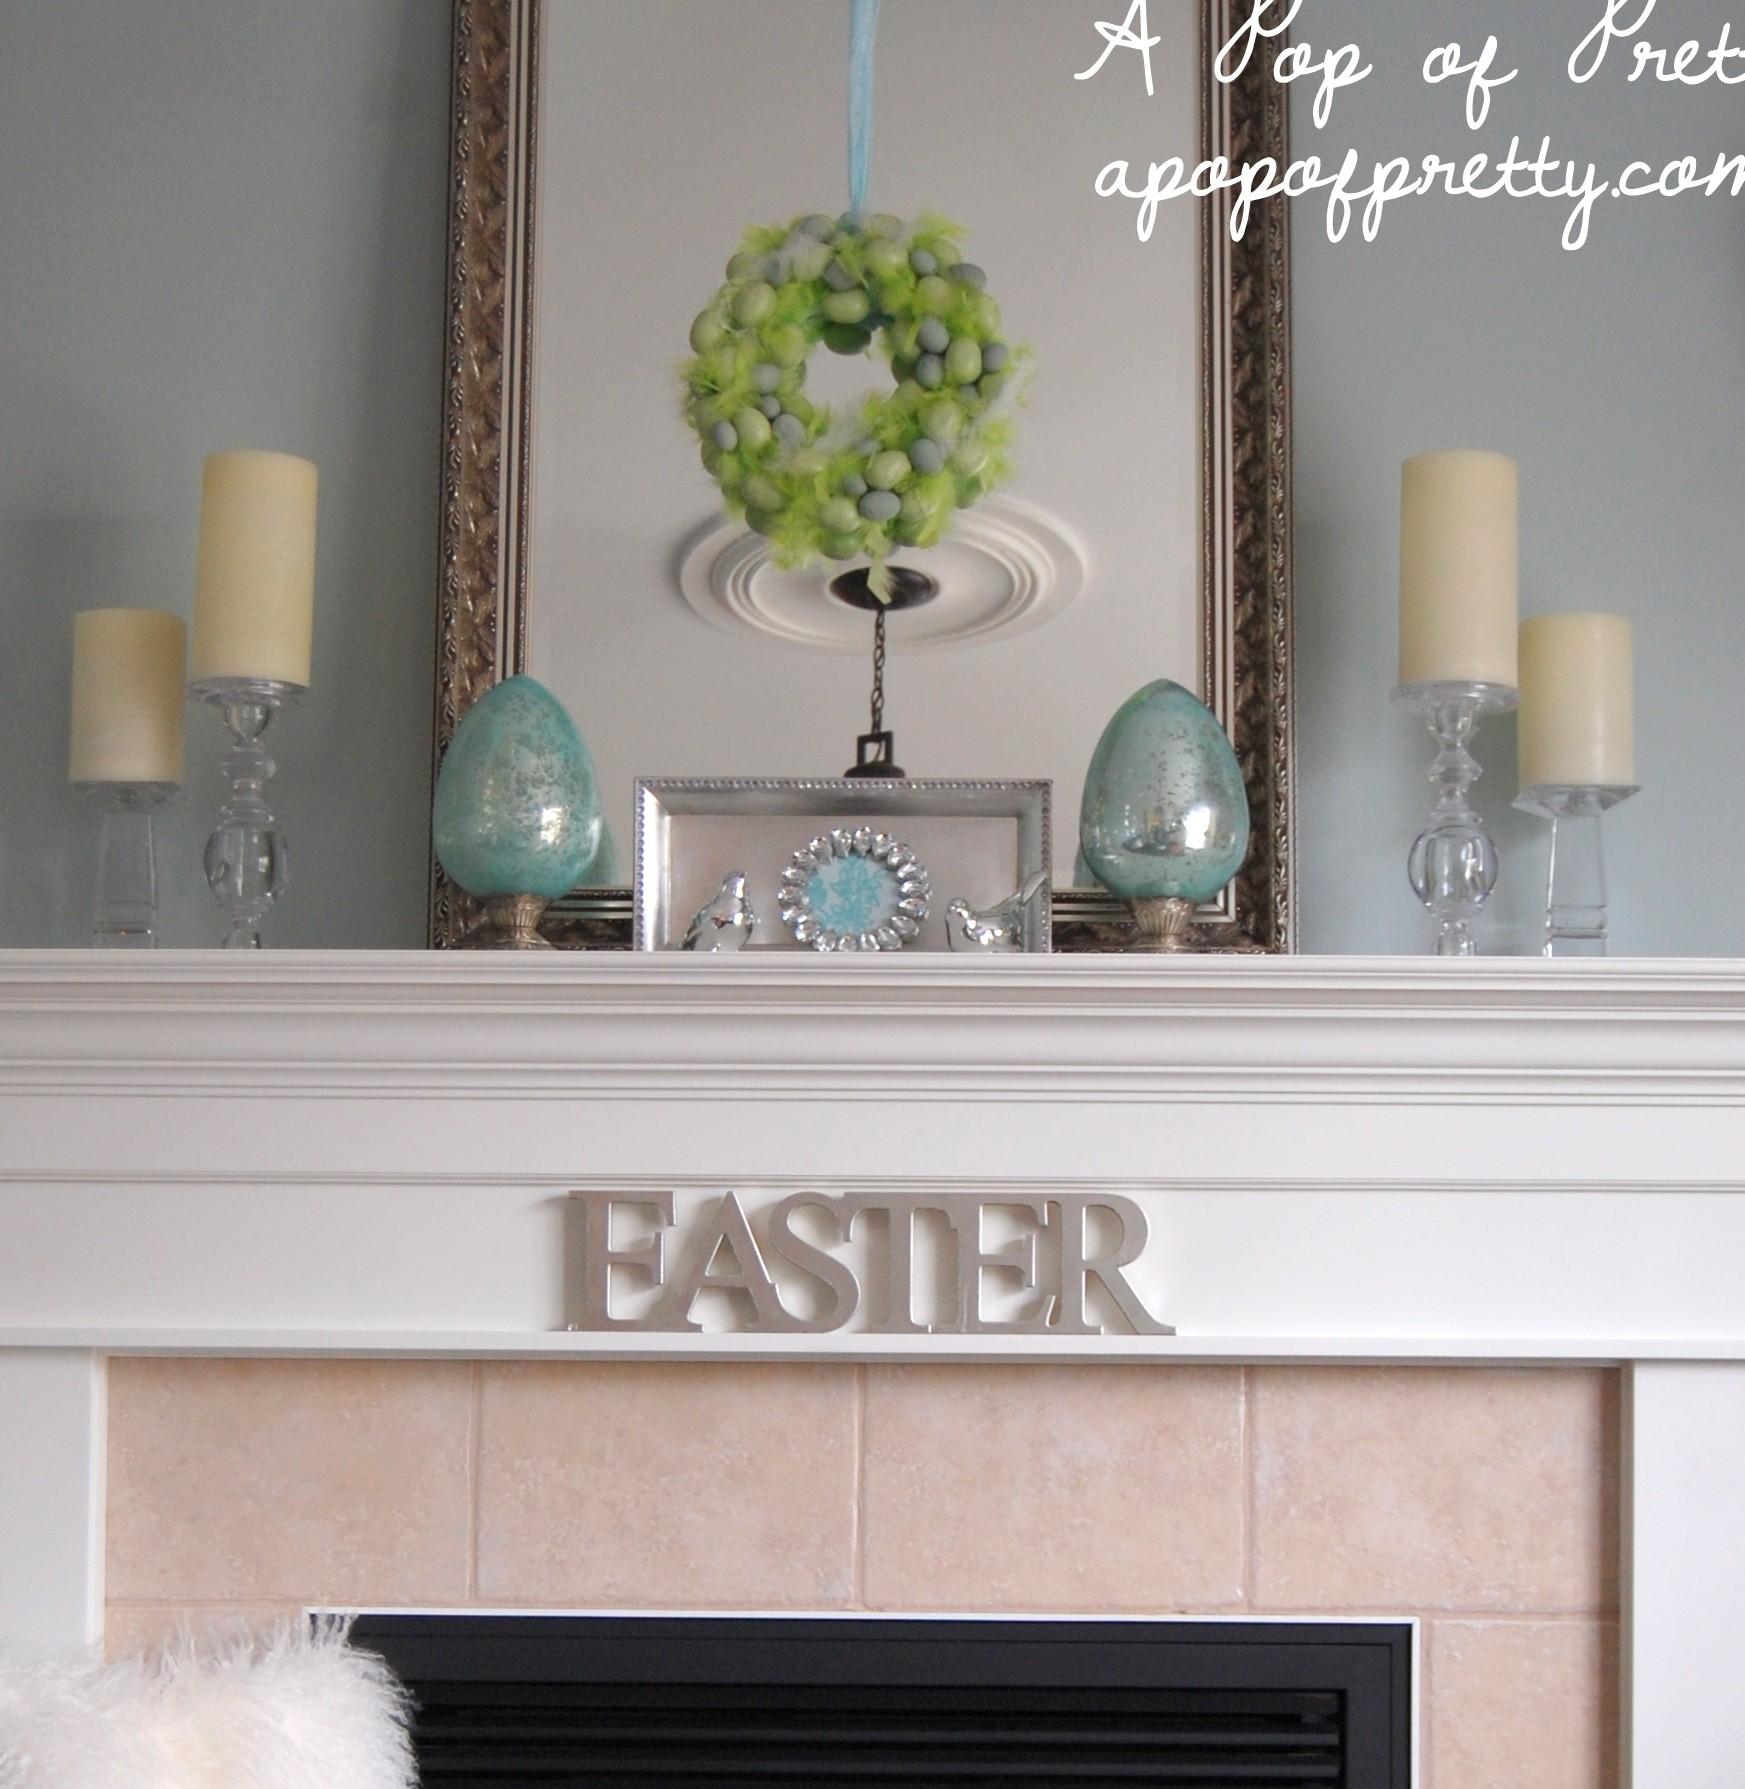 Canada Home Decor: A Pop Of Pretty Blog (Canadian Home Decorating